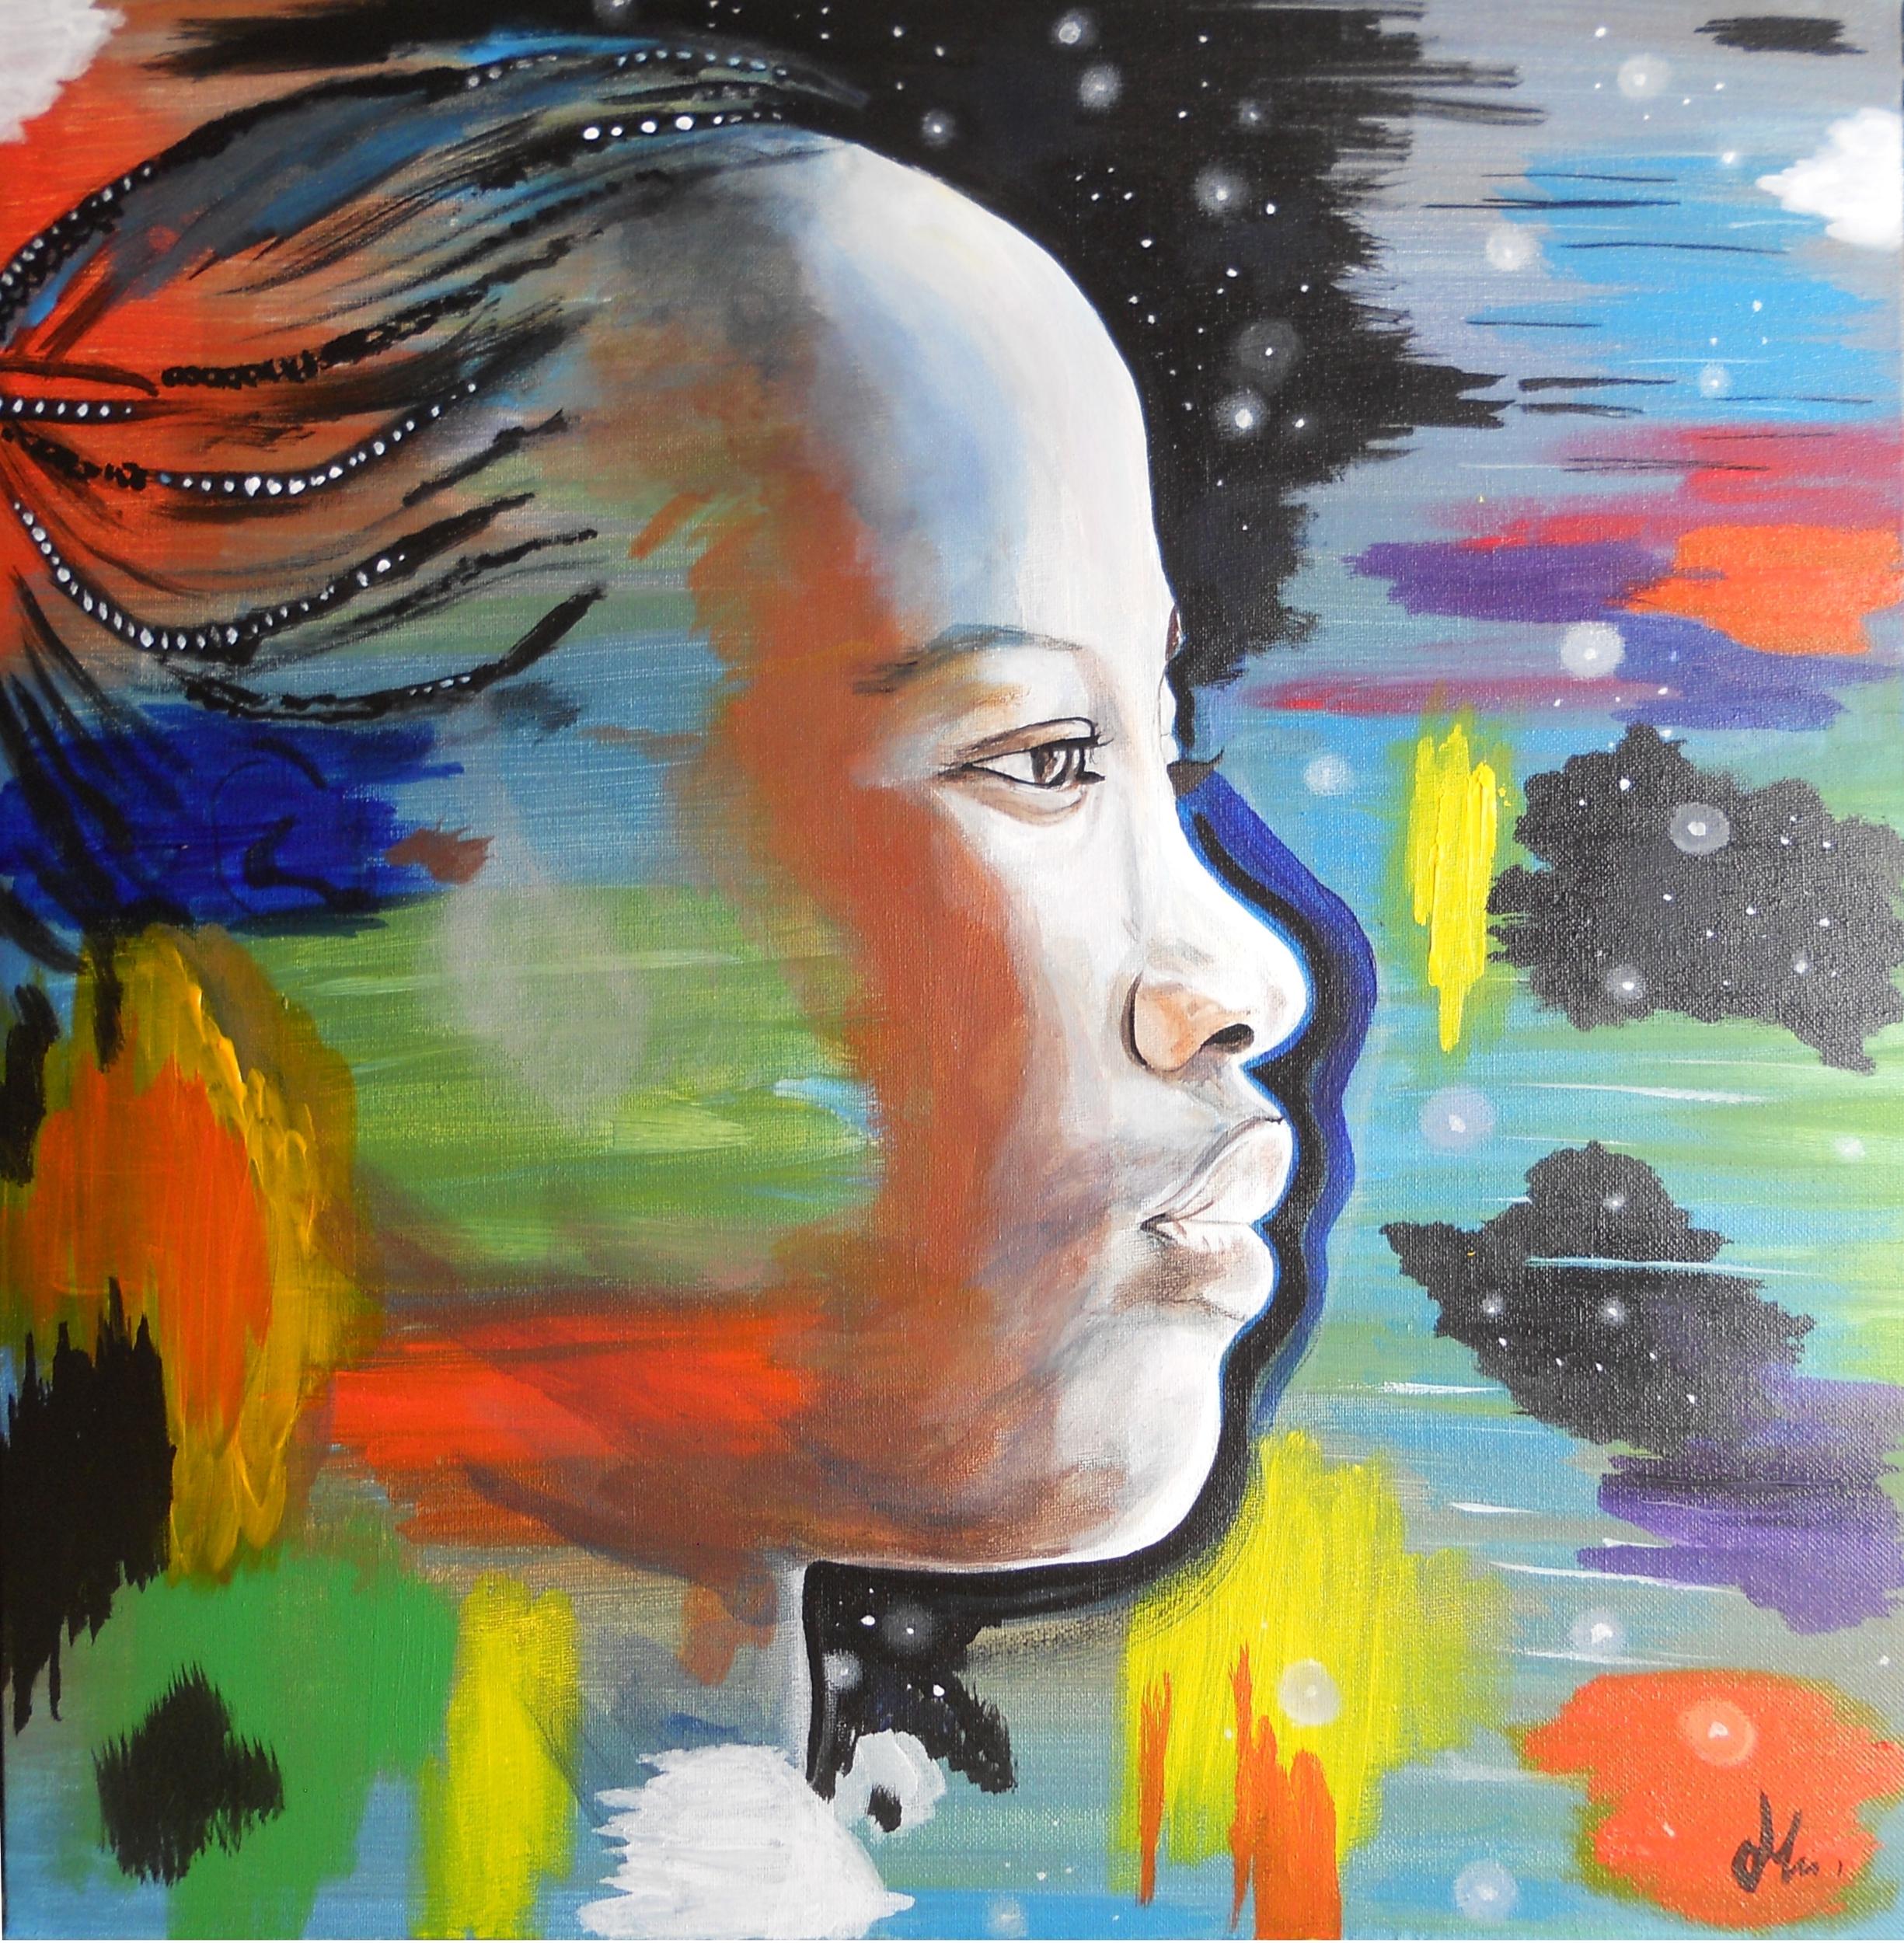 impression photo art au commencement ethnique afrique femme africaine